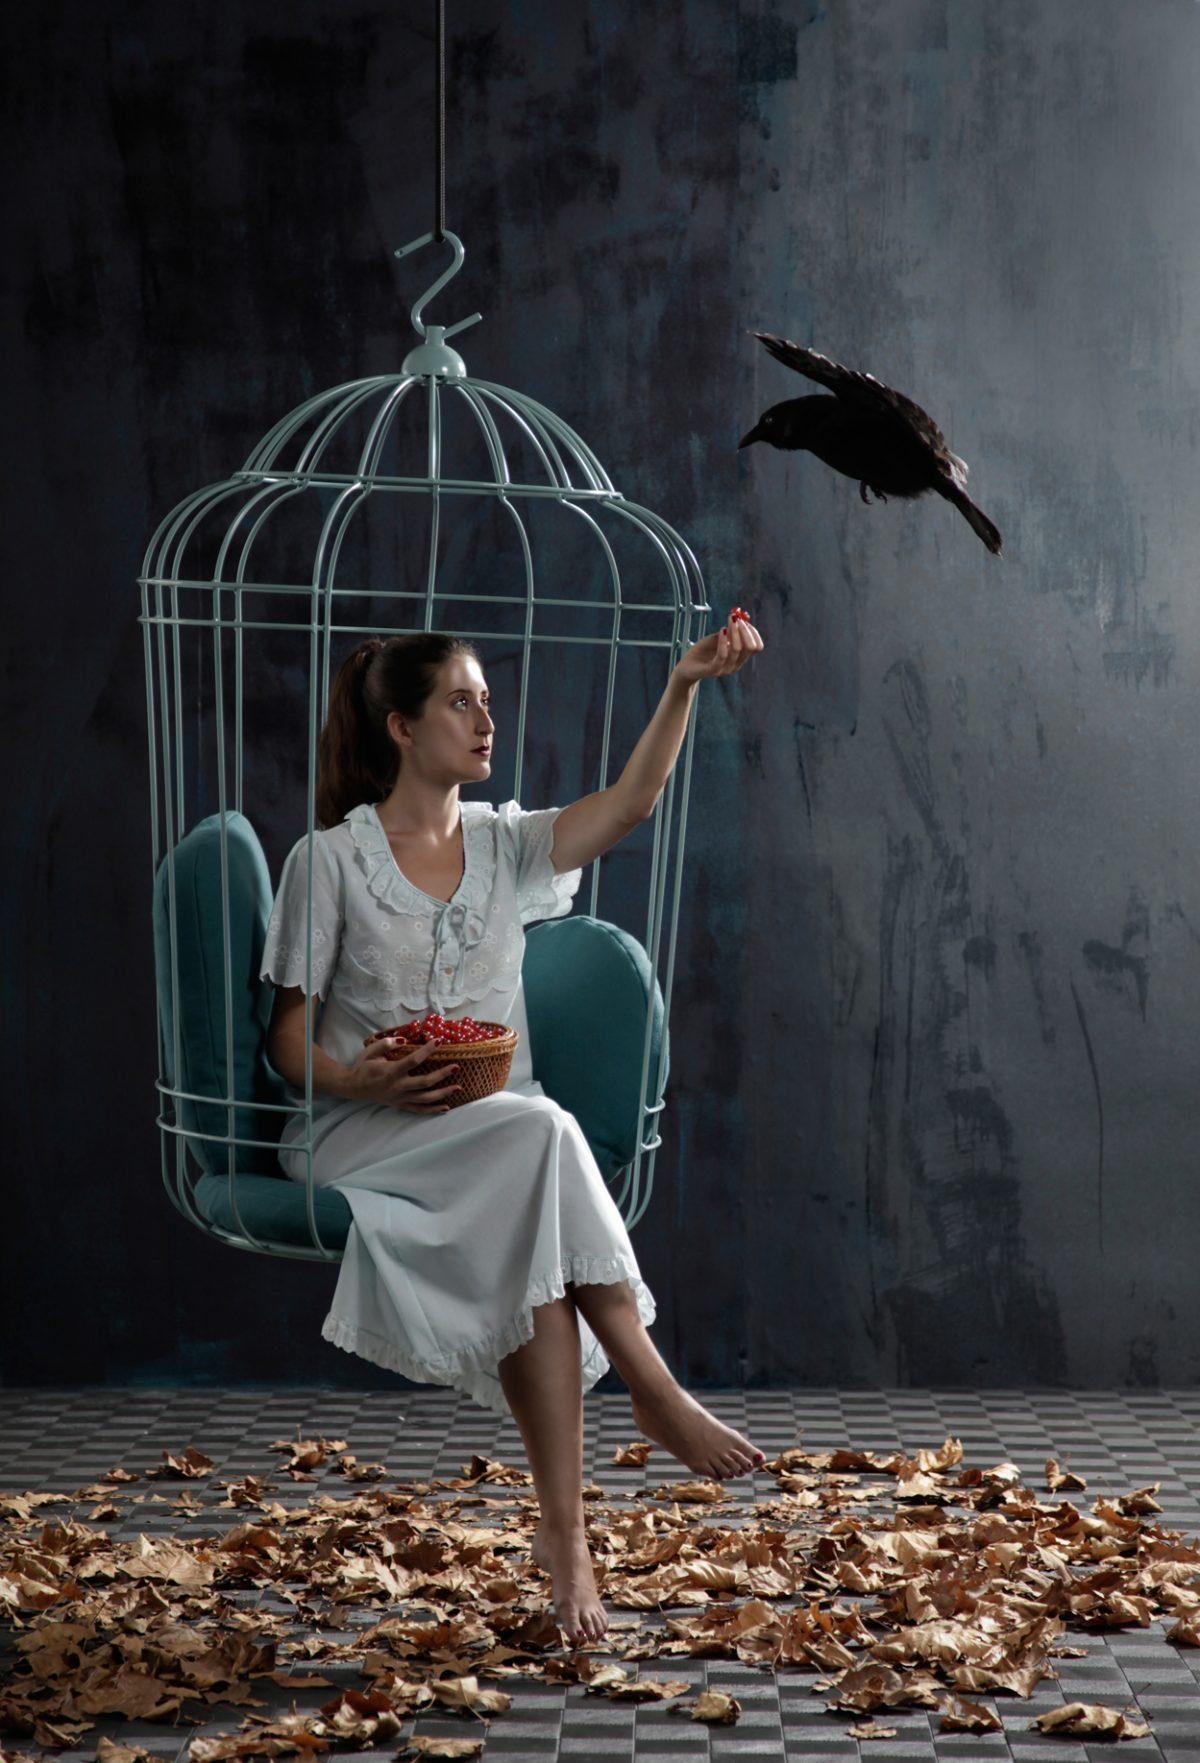 Cageling hangstoel ontspanning loungen – Ontwerpduo Dutch design